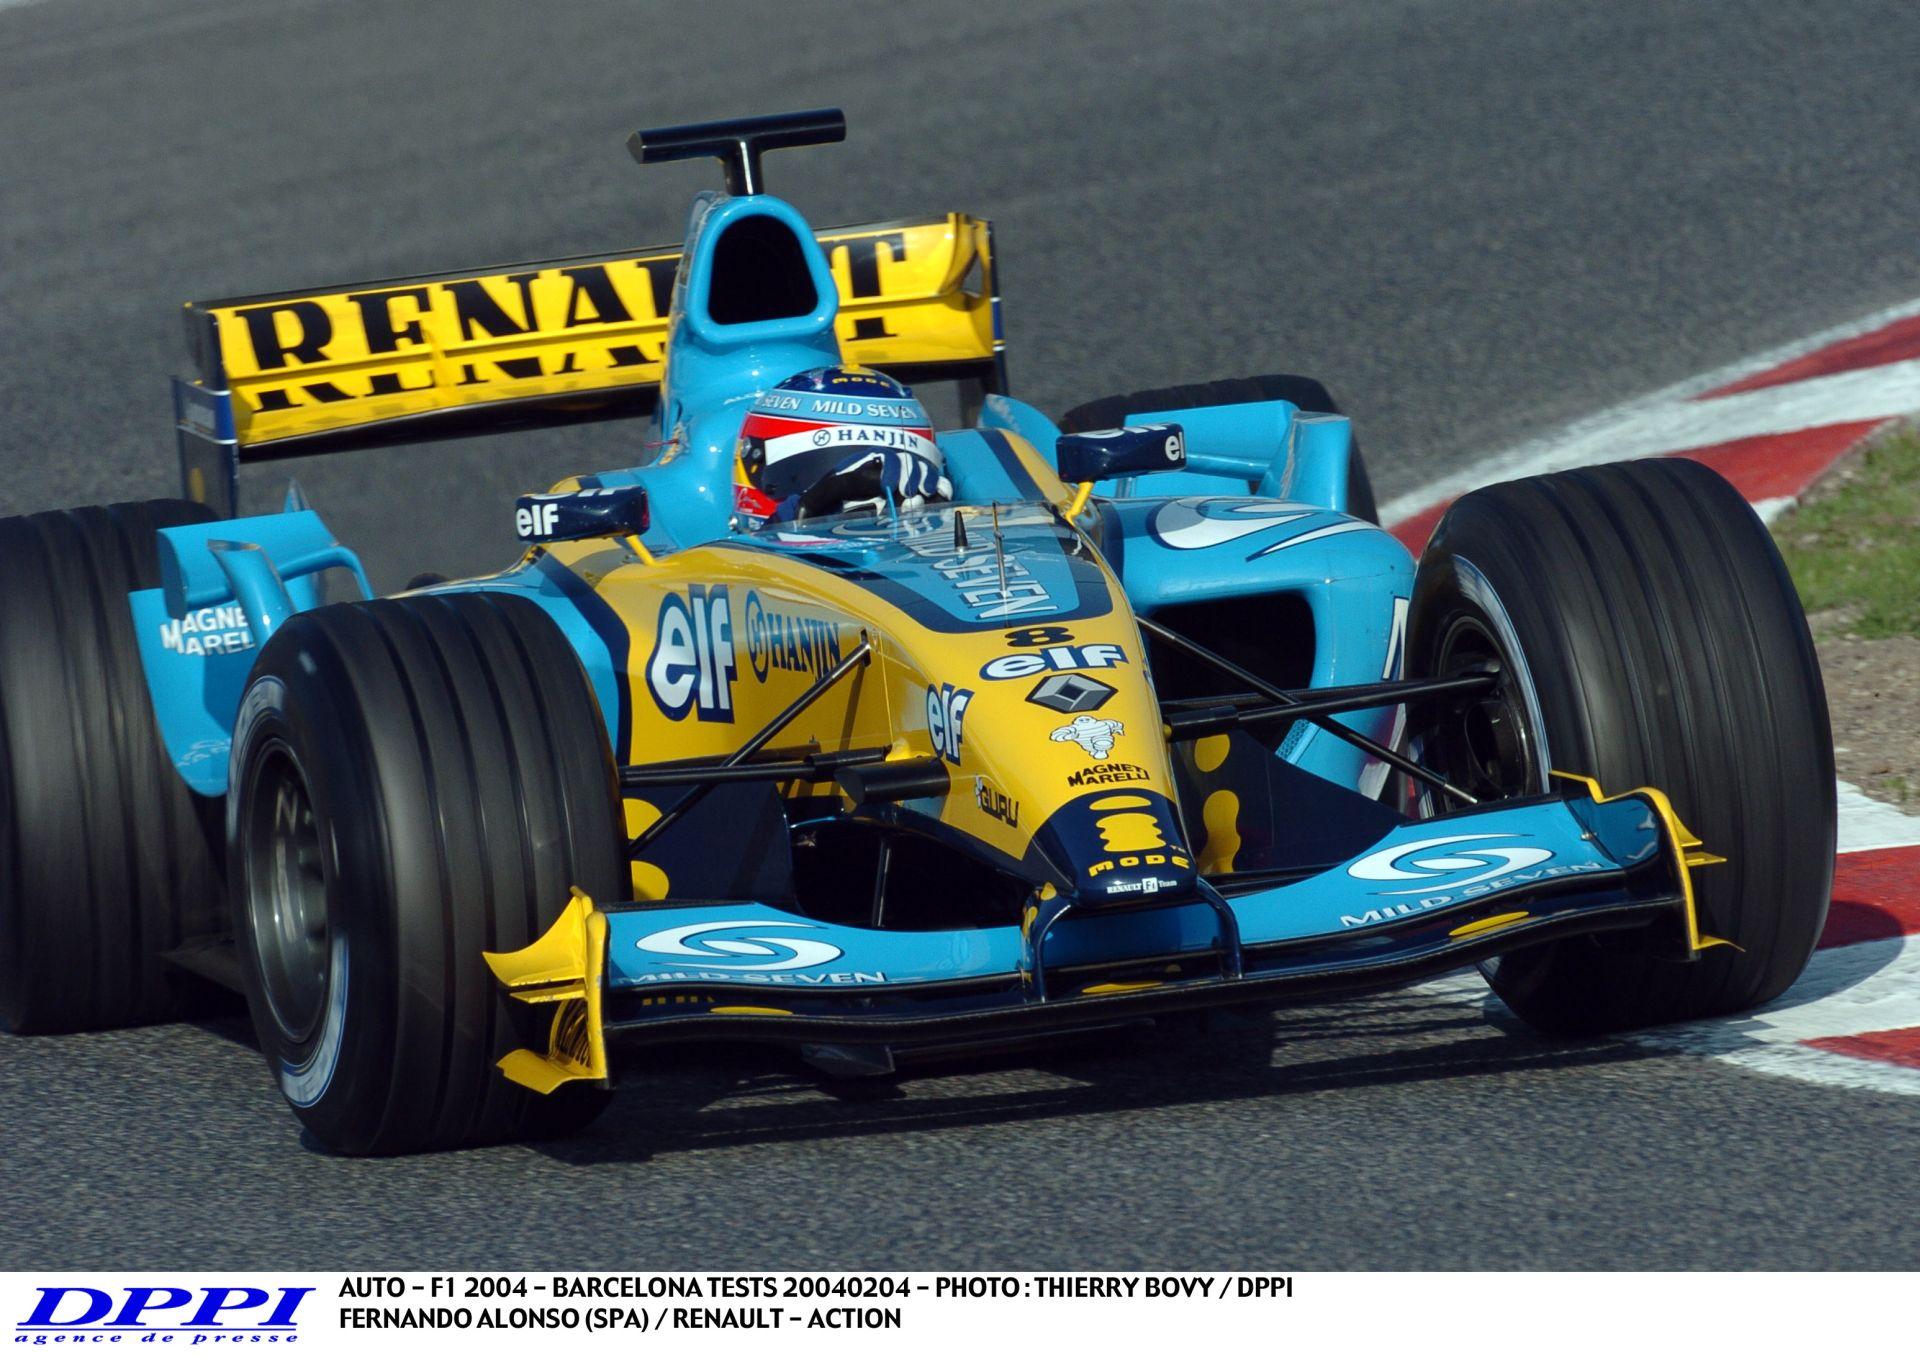 Pályabejárás Alonsóval és a 2004-es Renault-val Spa-ban